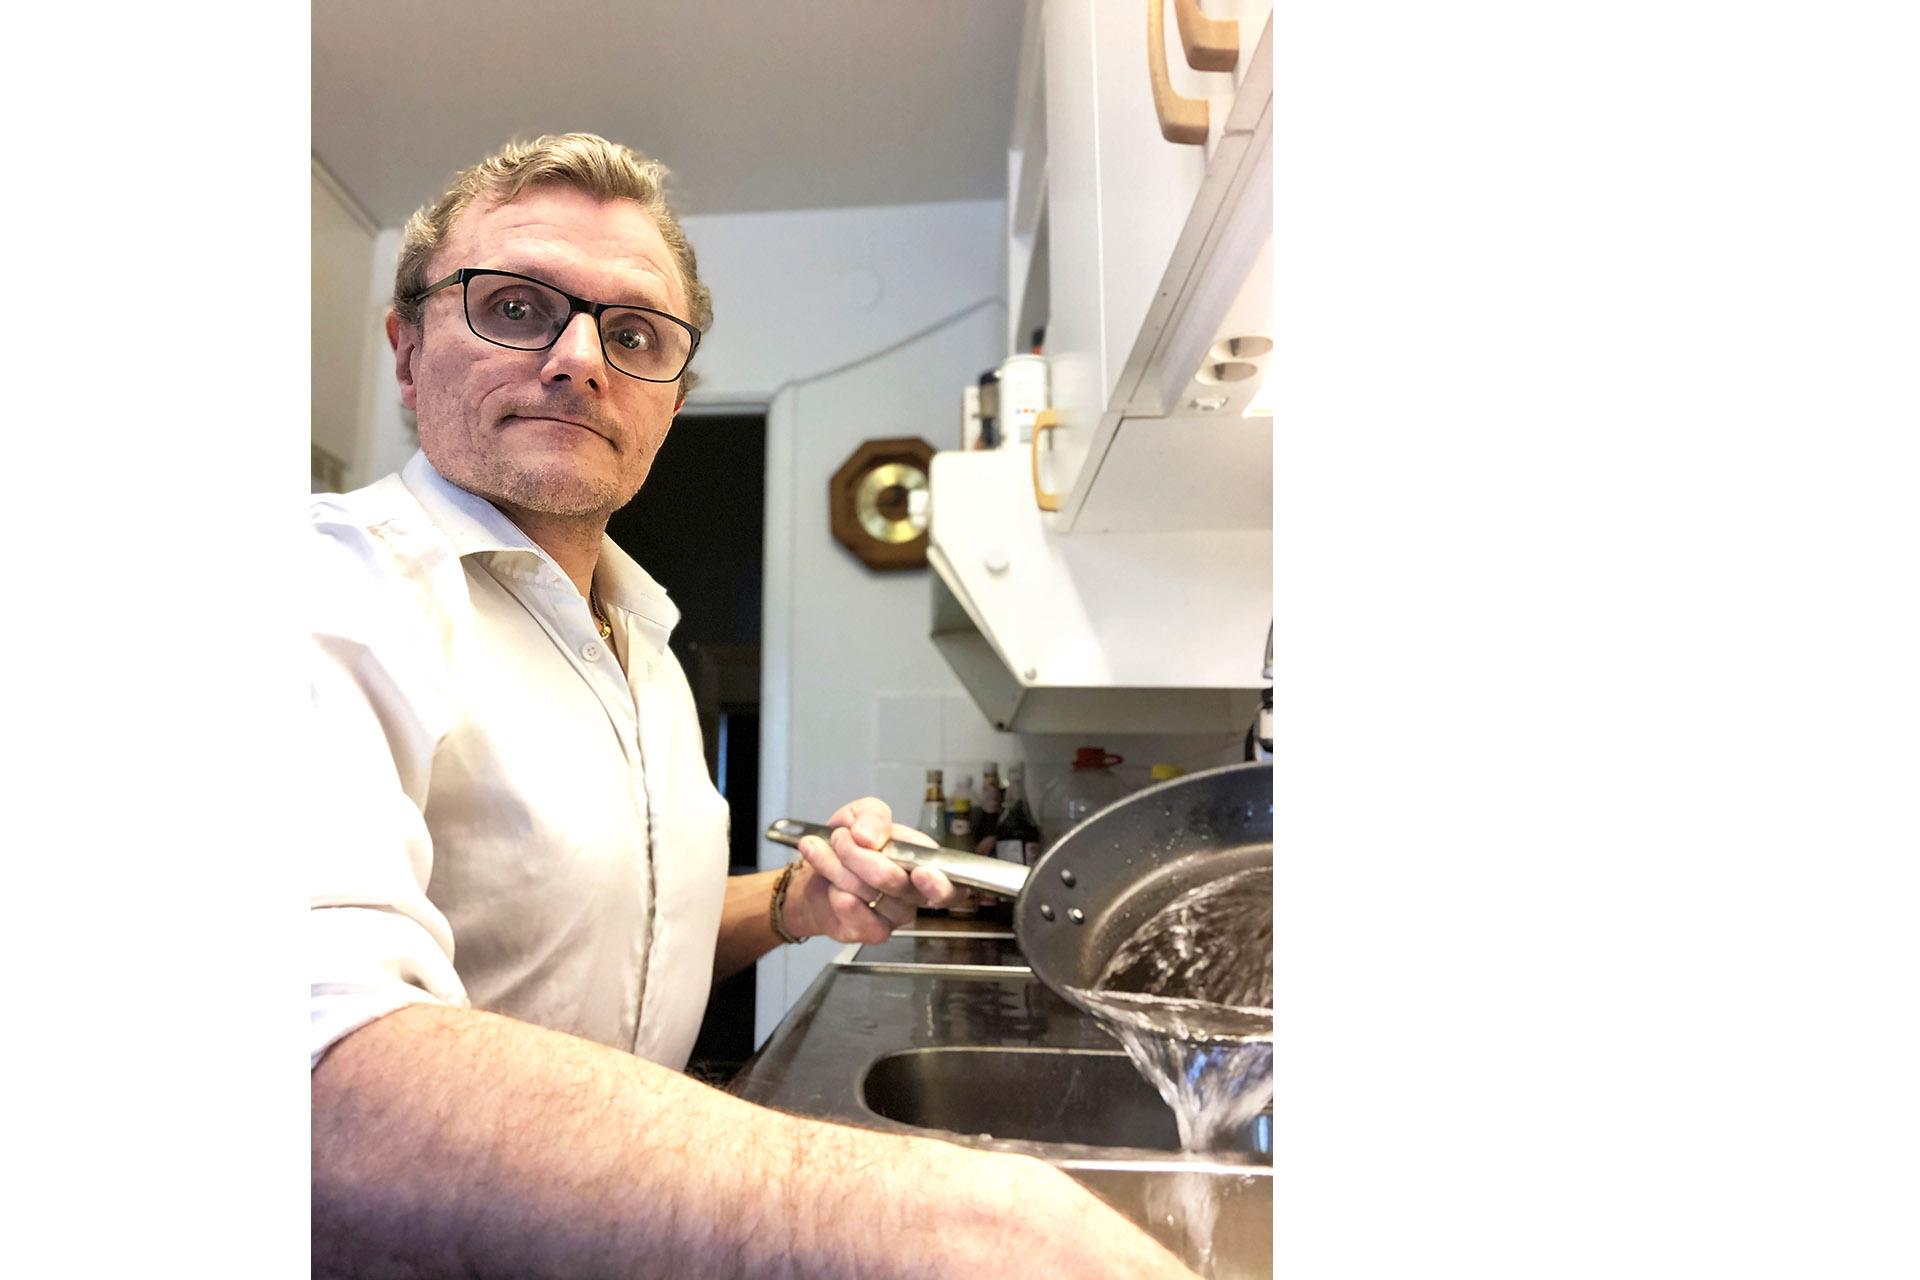 Lars-Göran Wadén har varit rullstolsburen hela sitt liv. Med sitt egna företag jobbar han för ett mer tillgängligt samhälle, för alla.